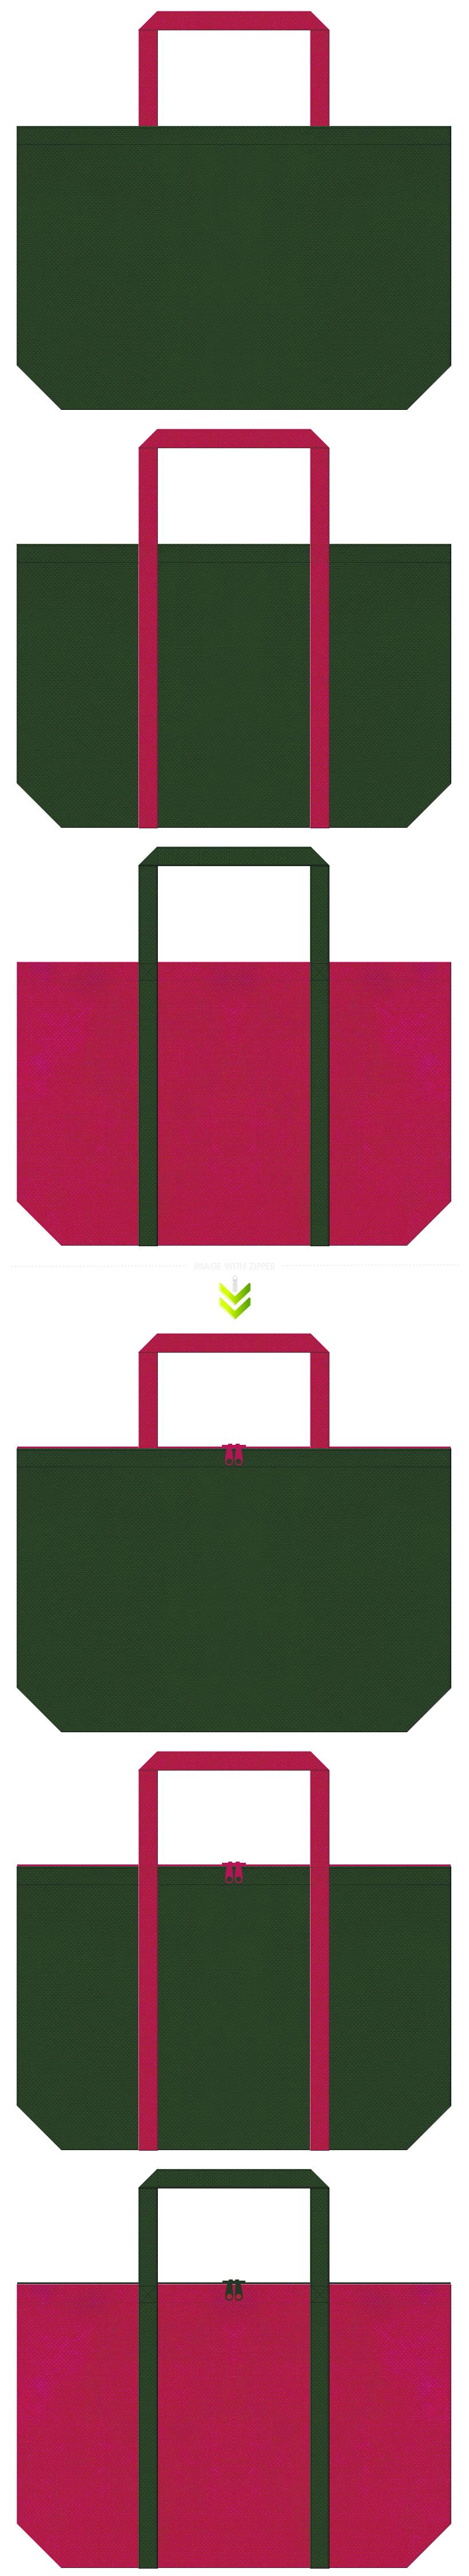 濃緑色と濃いピンク色の不織布エコバッグのデザイン。振袖風の配色で、和風柄にお奨めです。